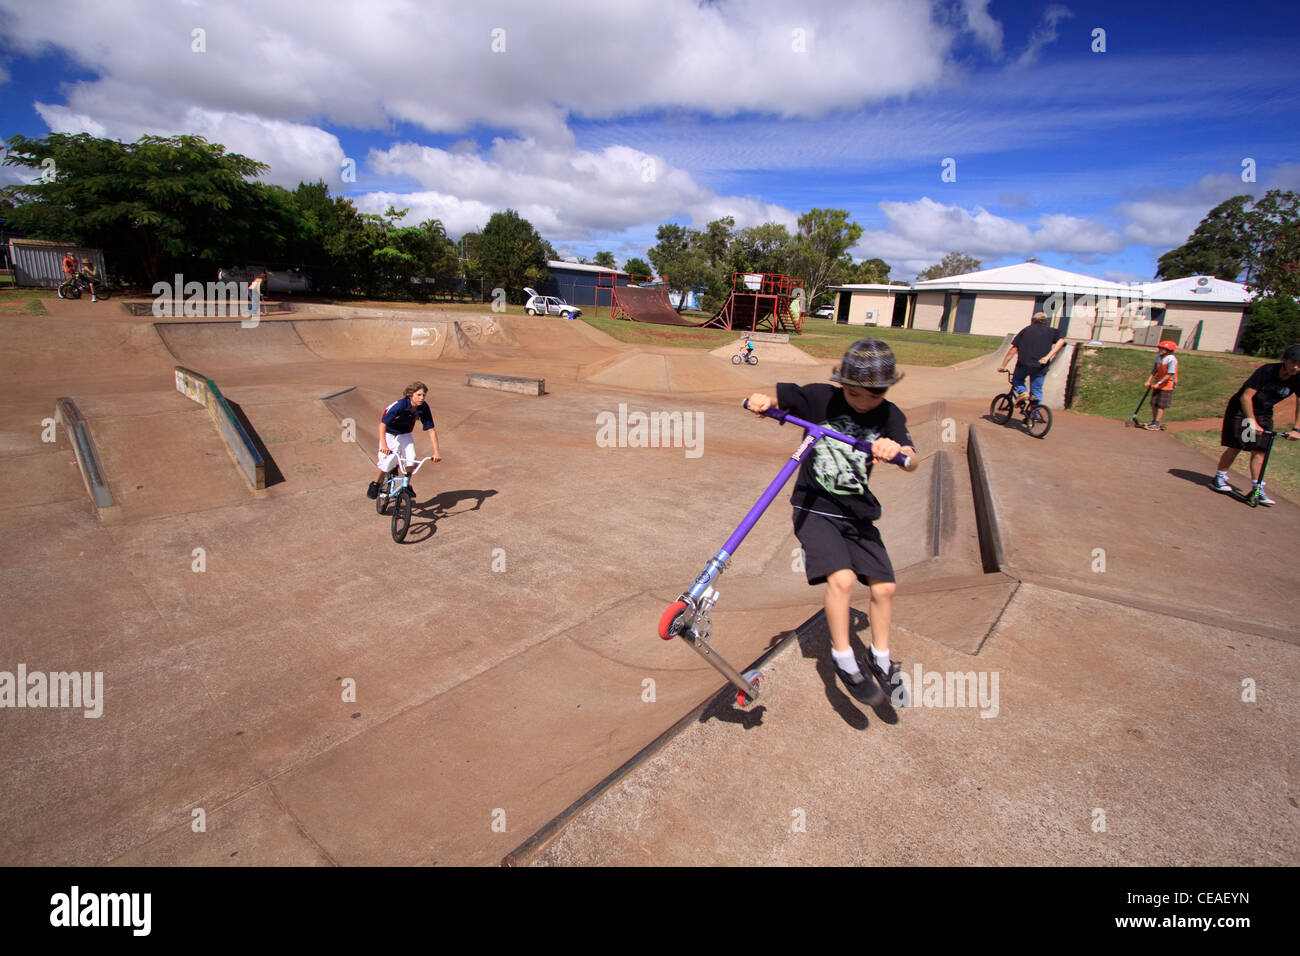 Roller skates queensland -